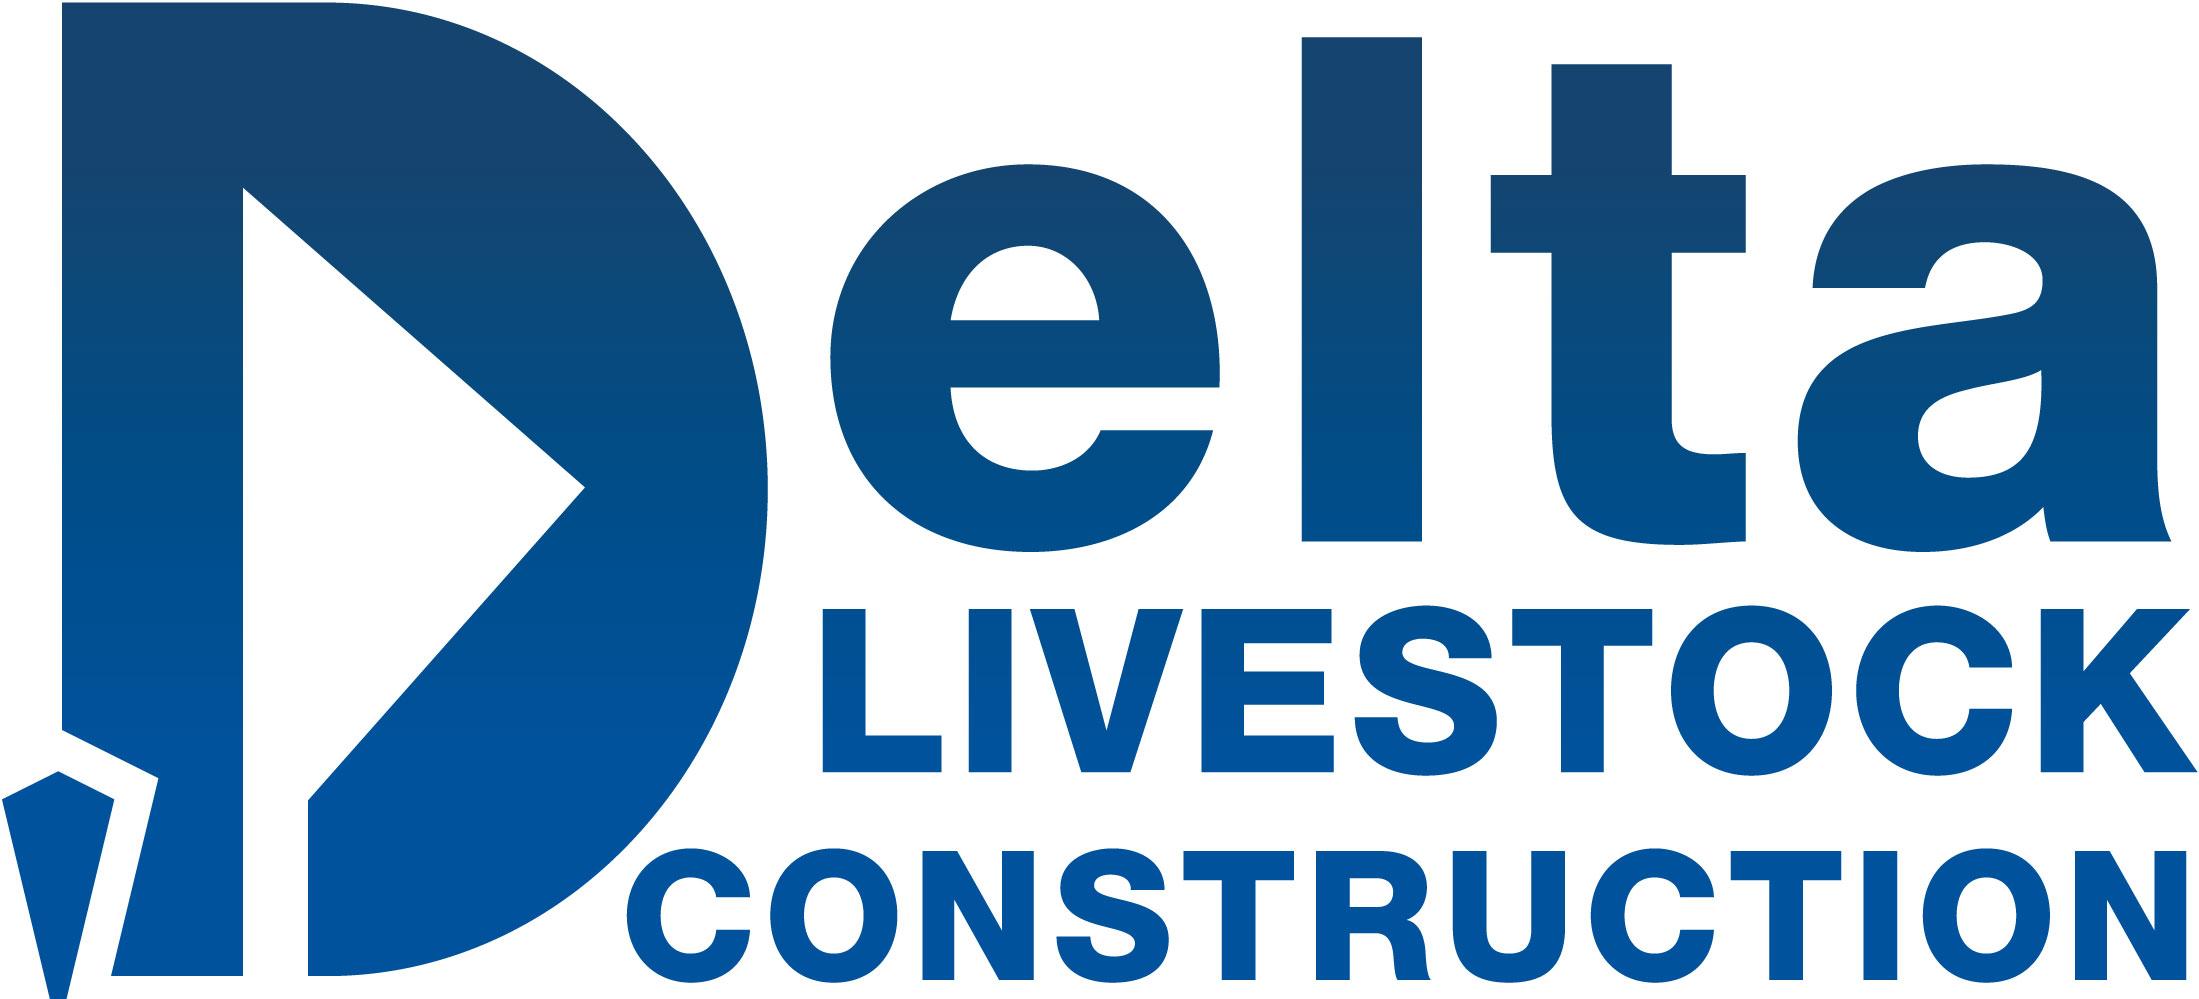 Delta Livestock Construction logo